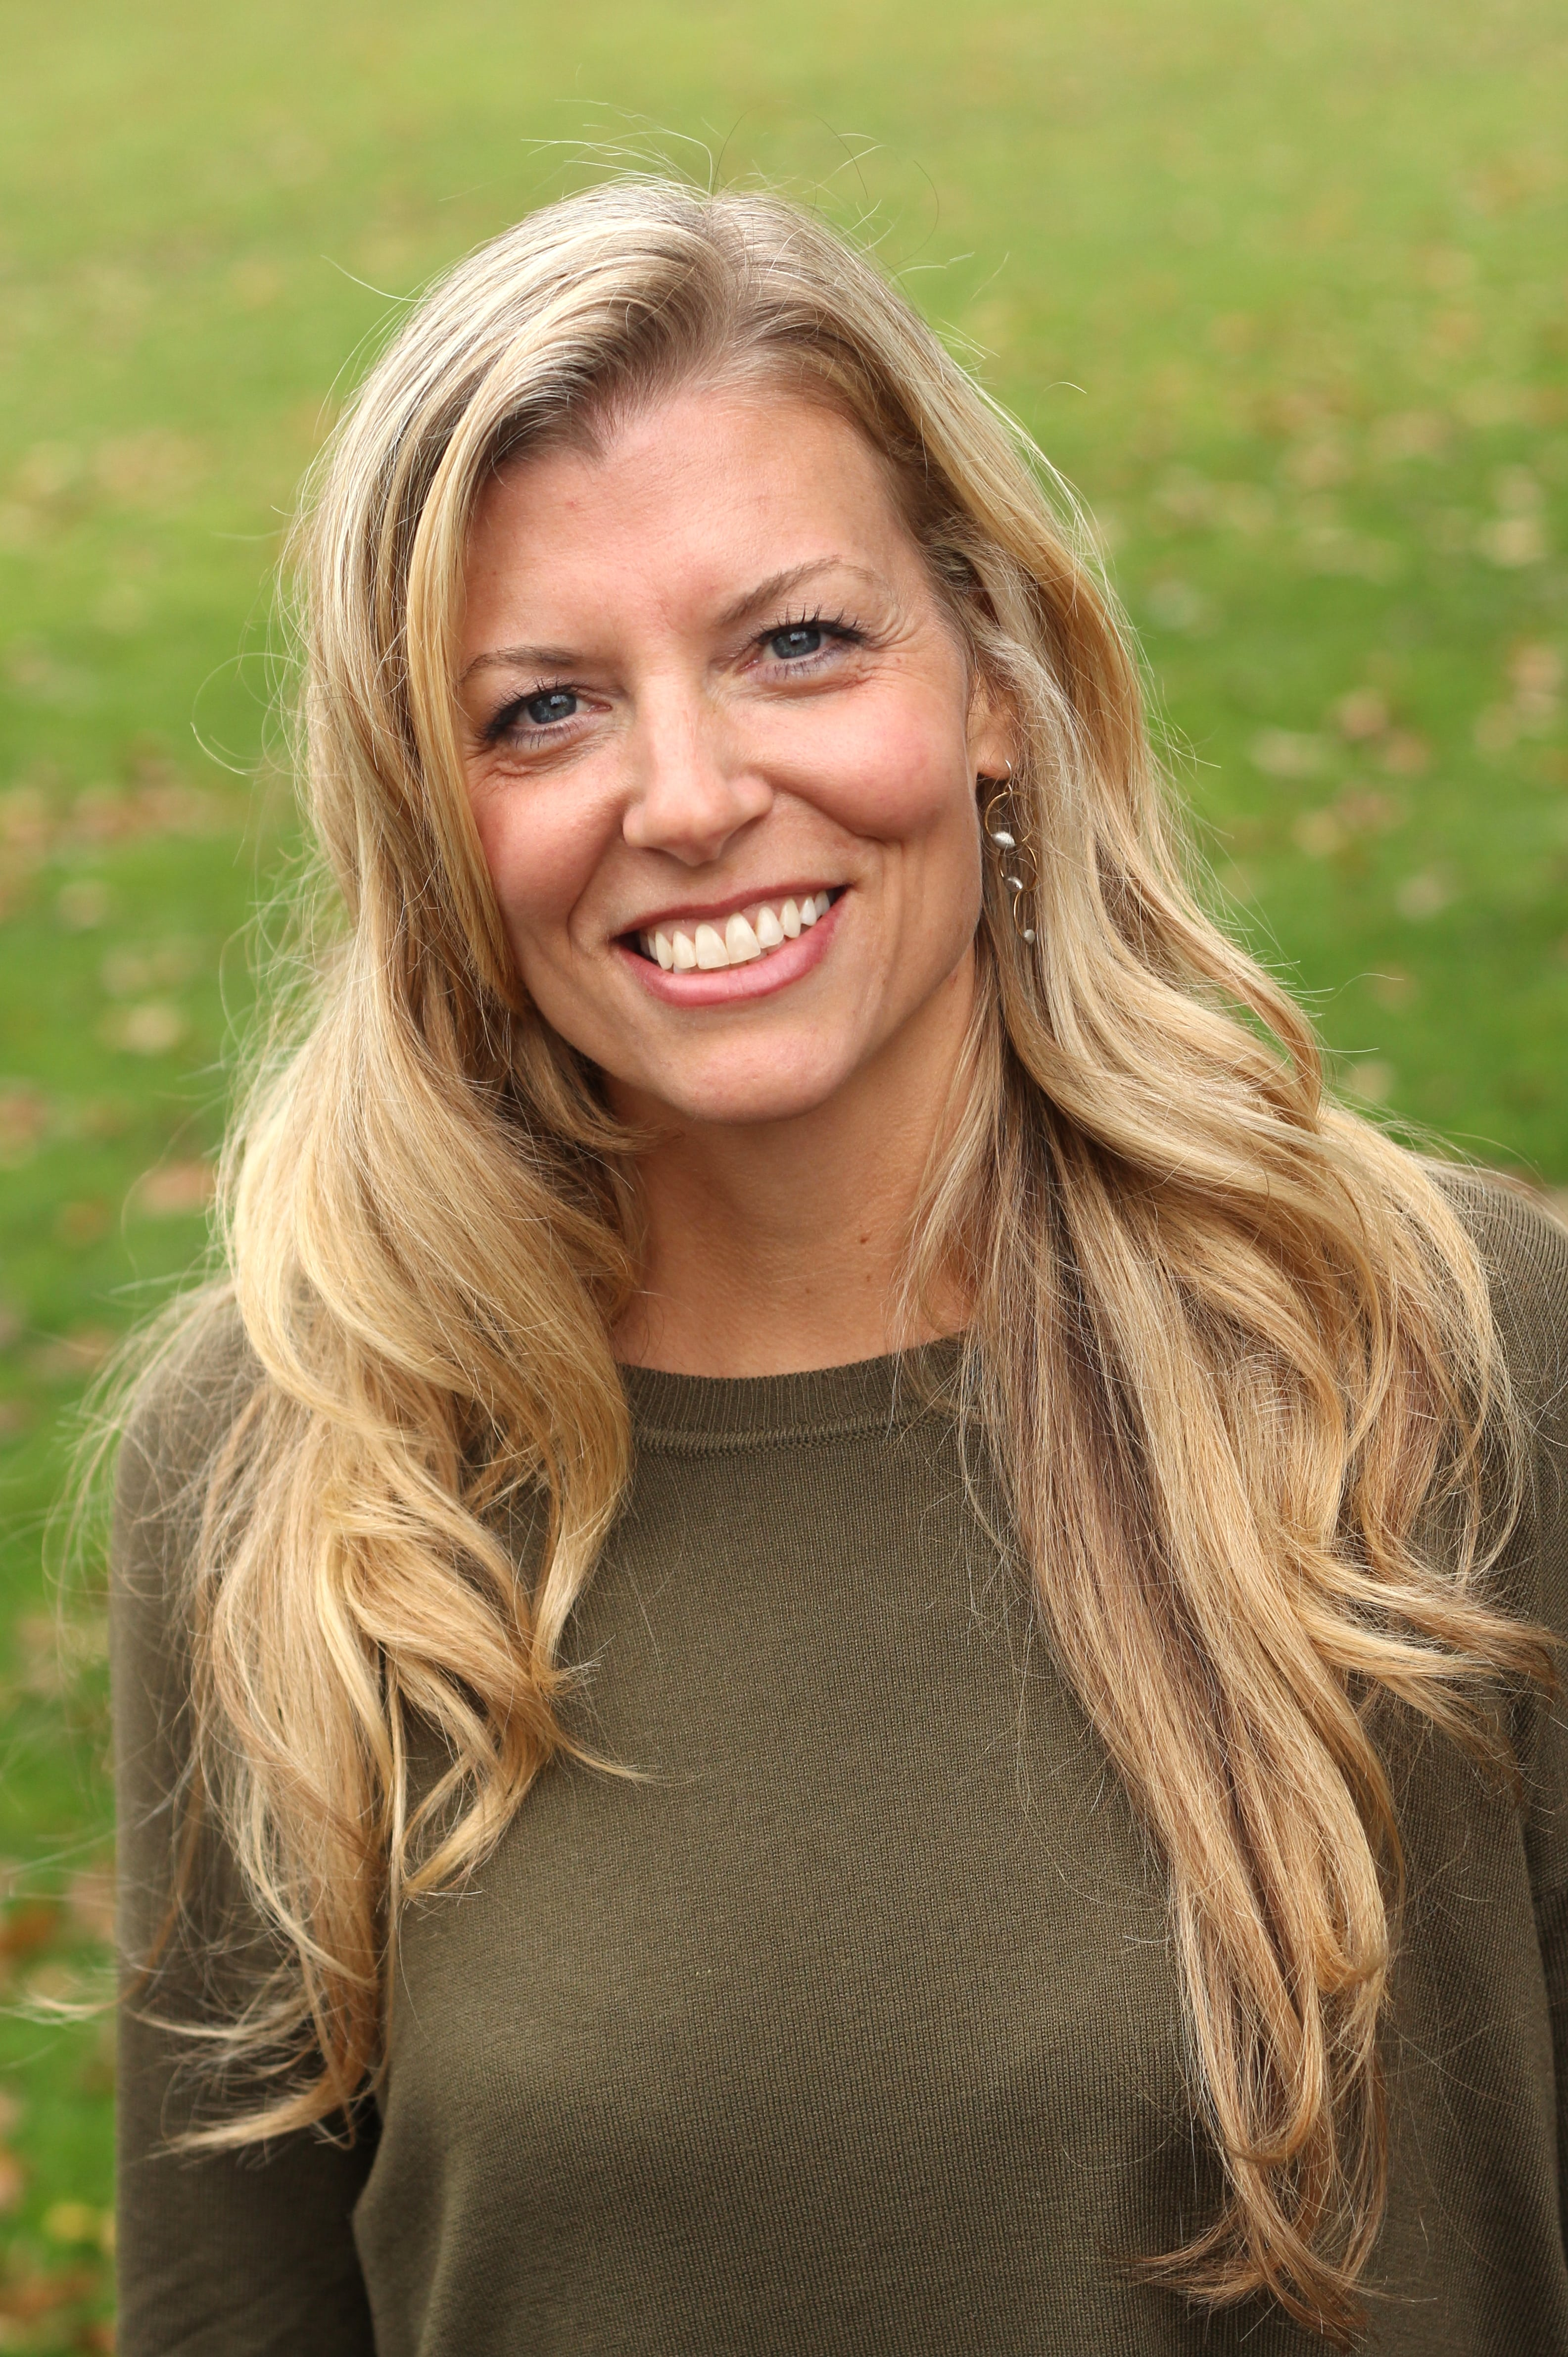 Megan Reed